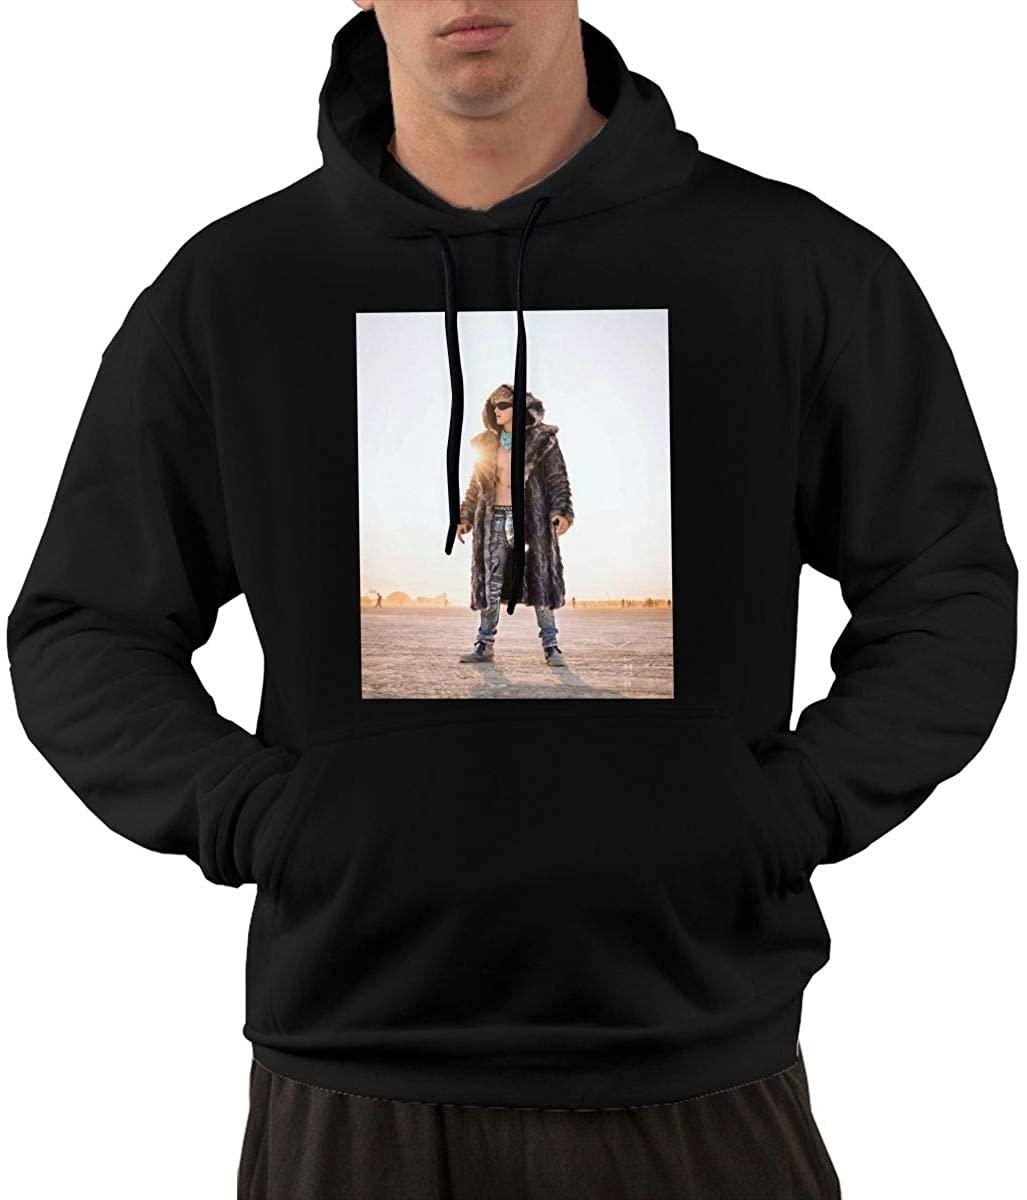 Logan Paul Men's Long Sleeve Pocket Sweatshirt Hooded Top Hoodie Black